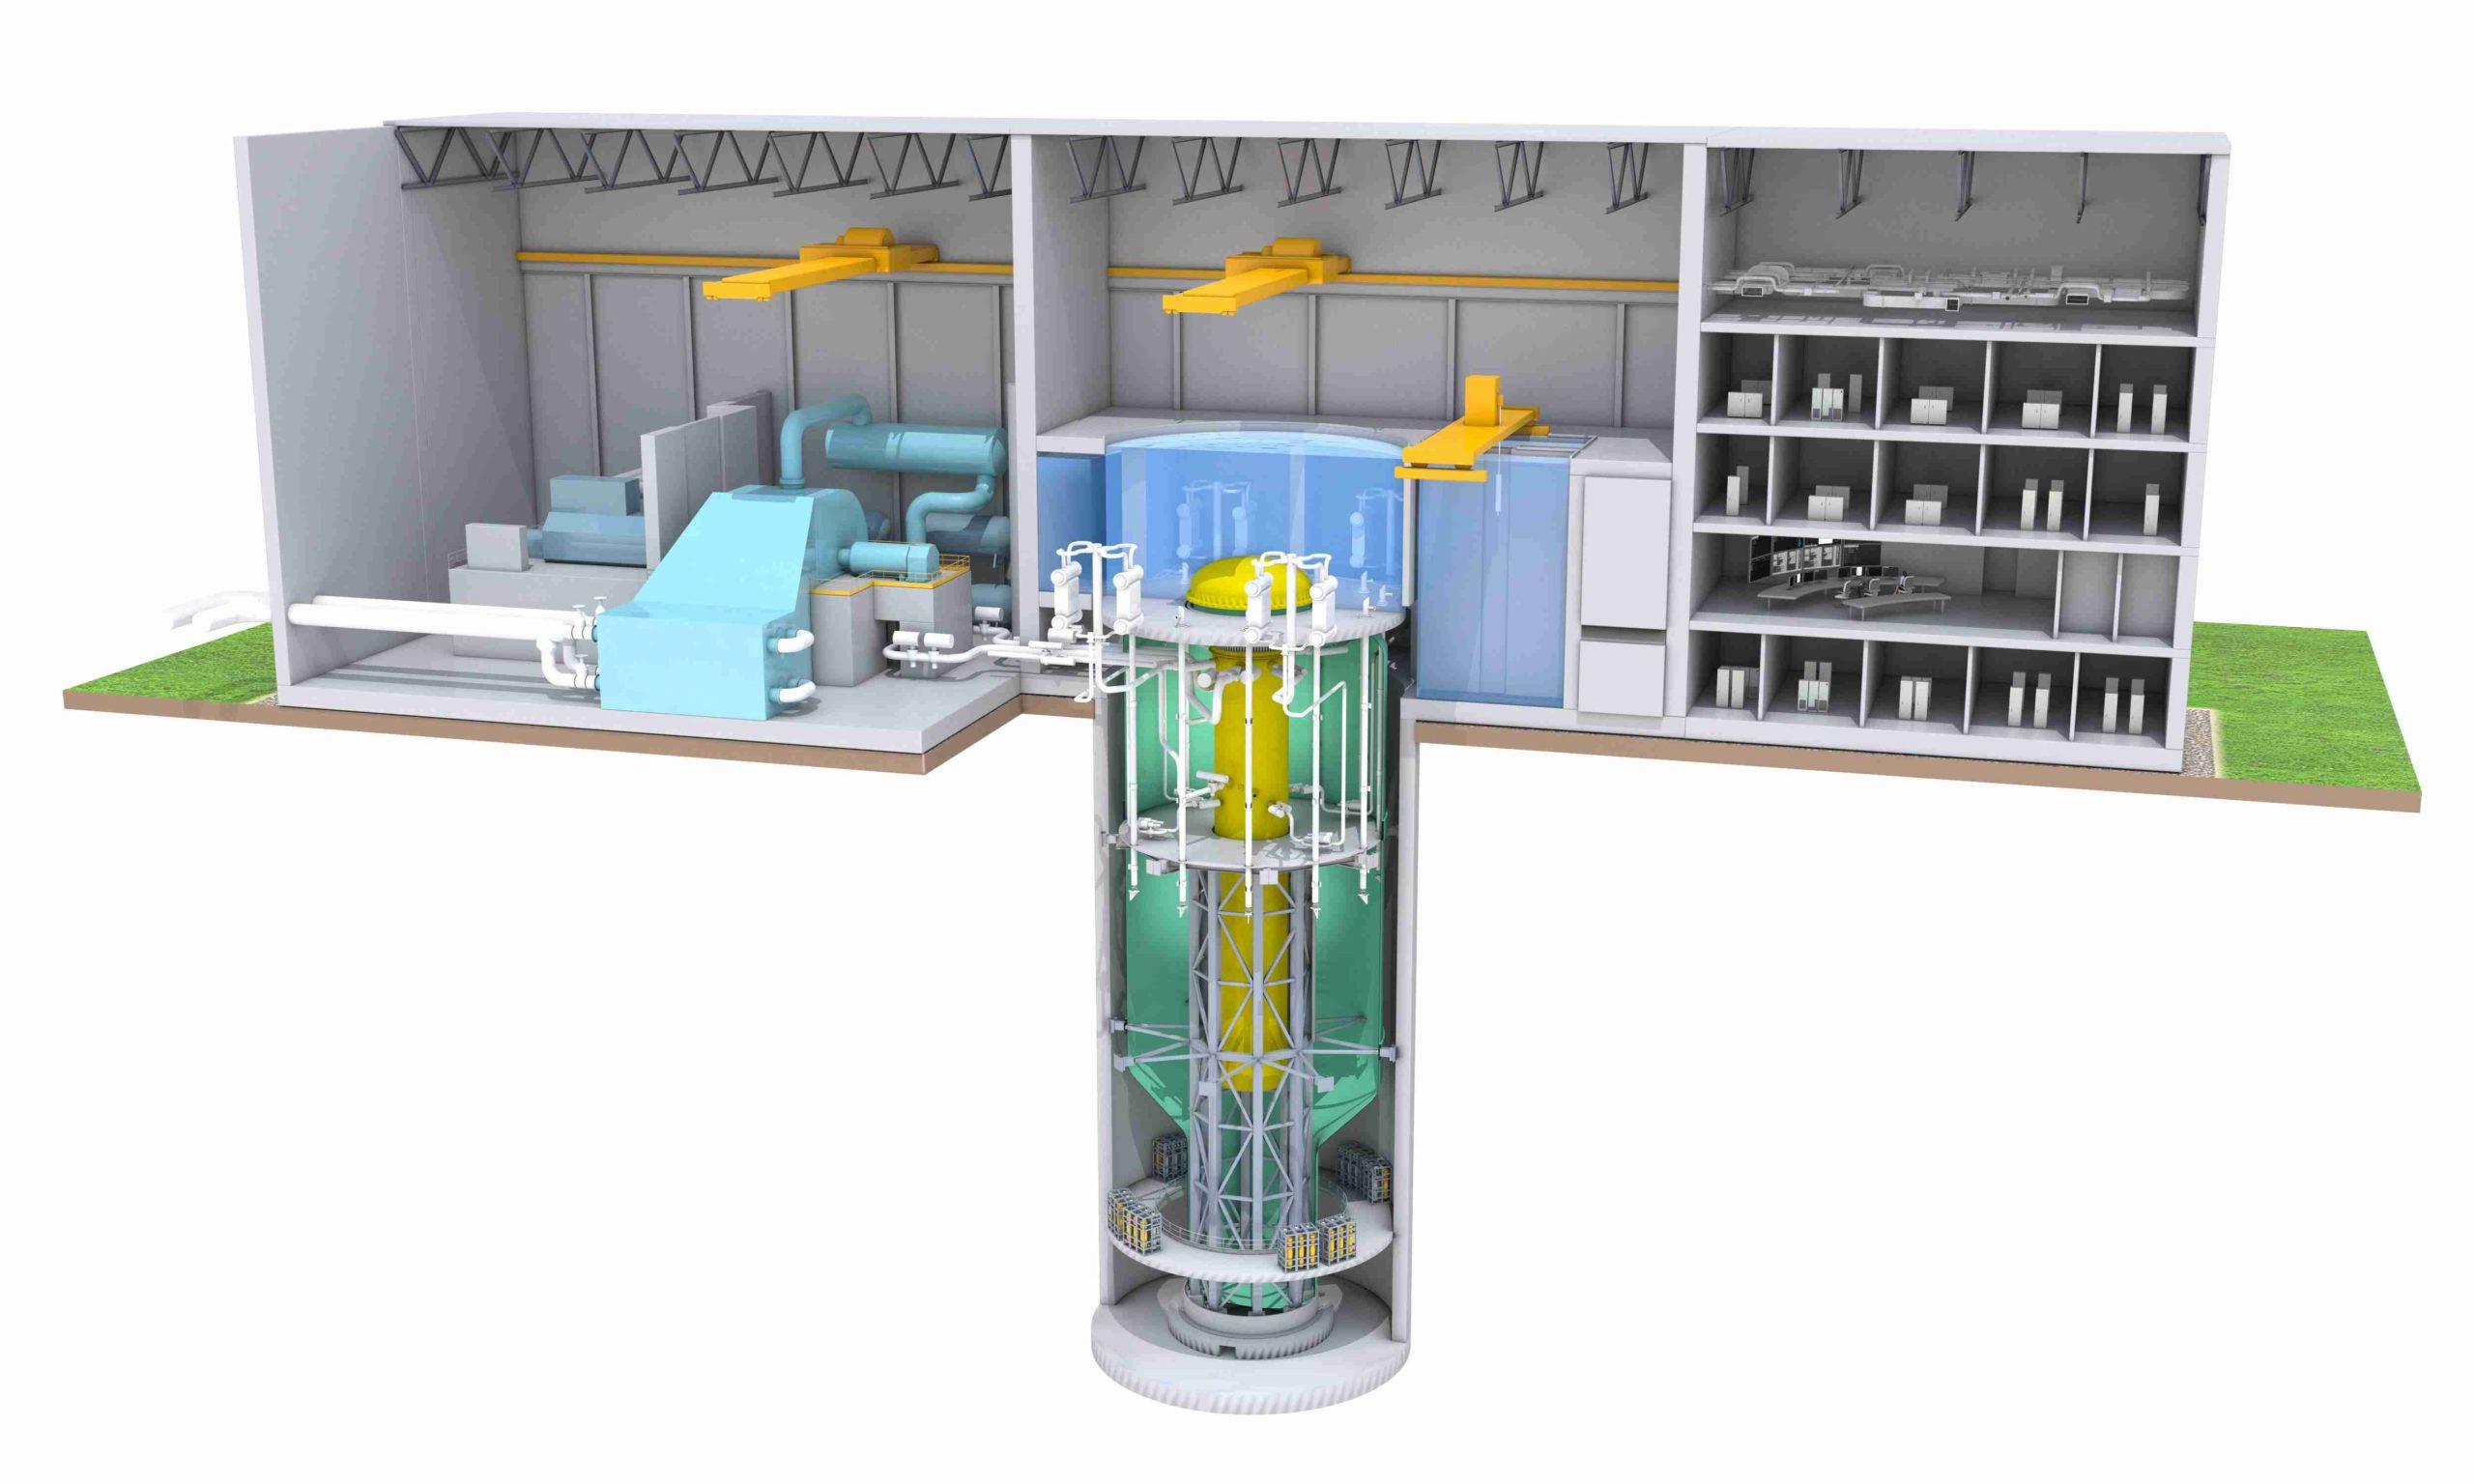 jaderná energie - V Polsku začaly diskuze s úřady o stavbě SMR - Inovativní reaktory (BWRX 300 Plant Cutaway web scaled) 3